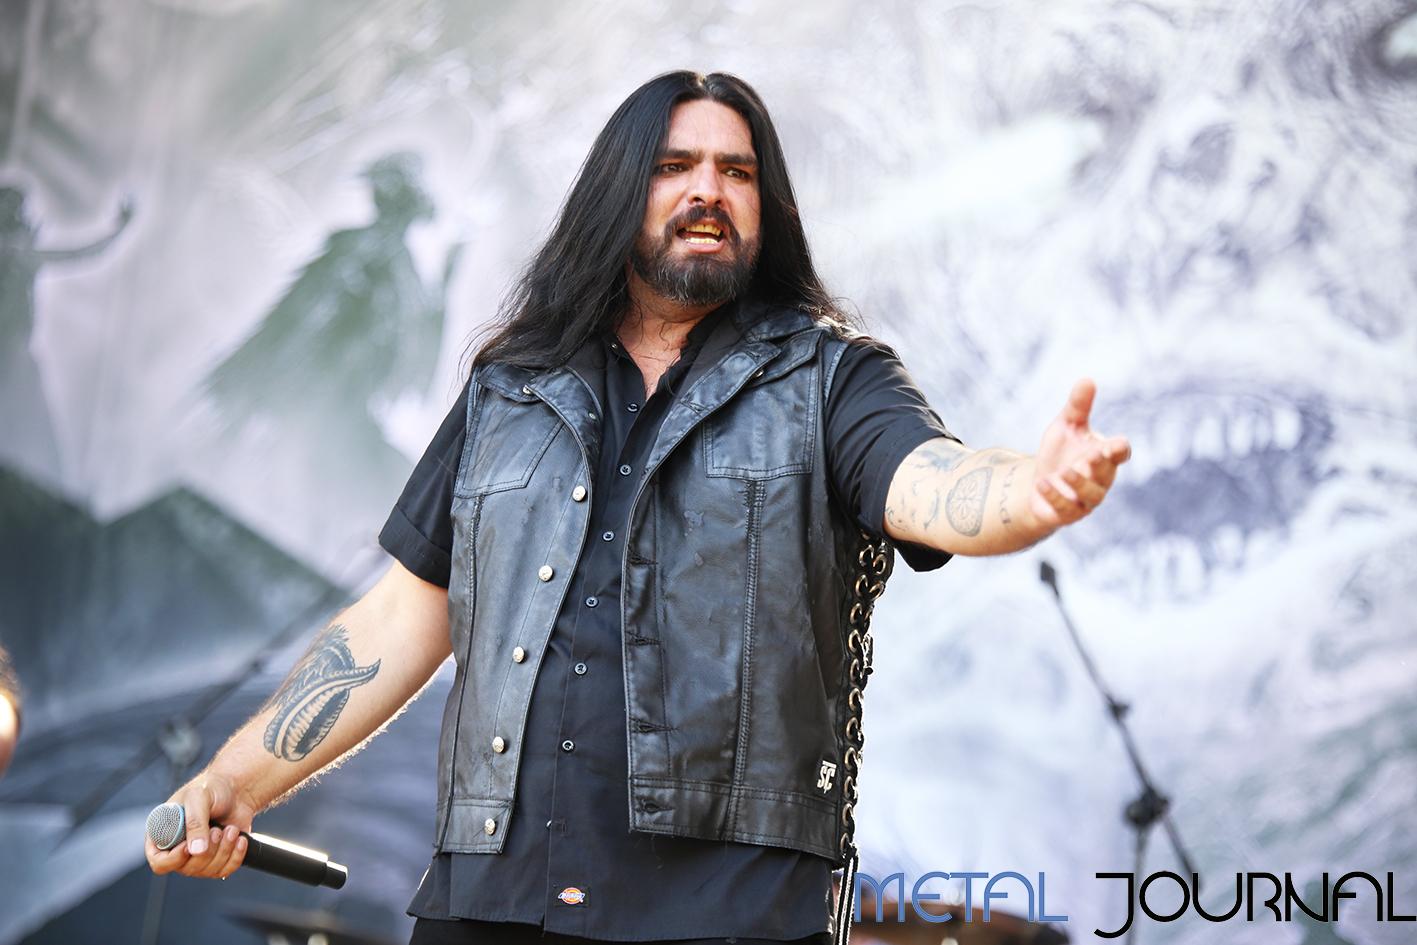 lords of black - leyendas del rock 2019 metal journal pic 4